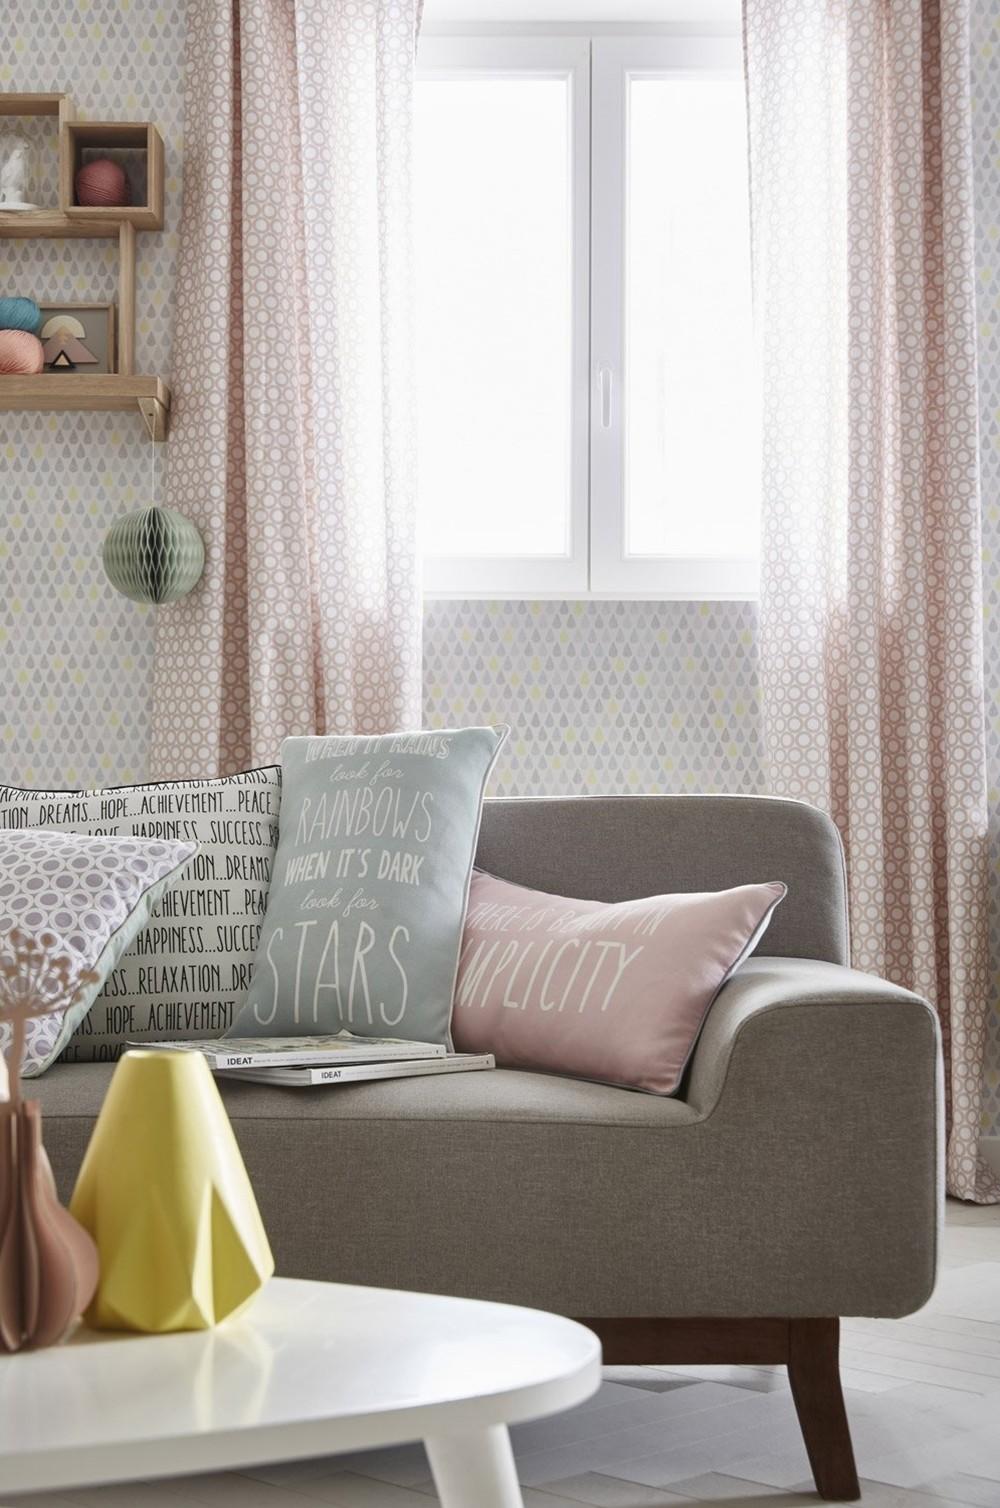 Hiperstock - Ideas originales Naif para decorar las paredes de tu casa